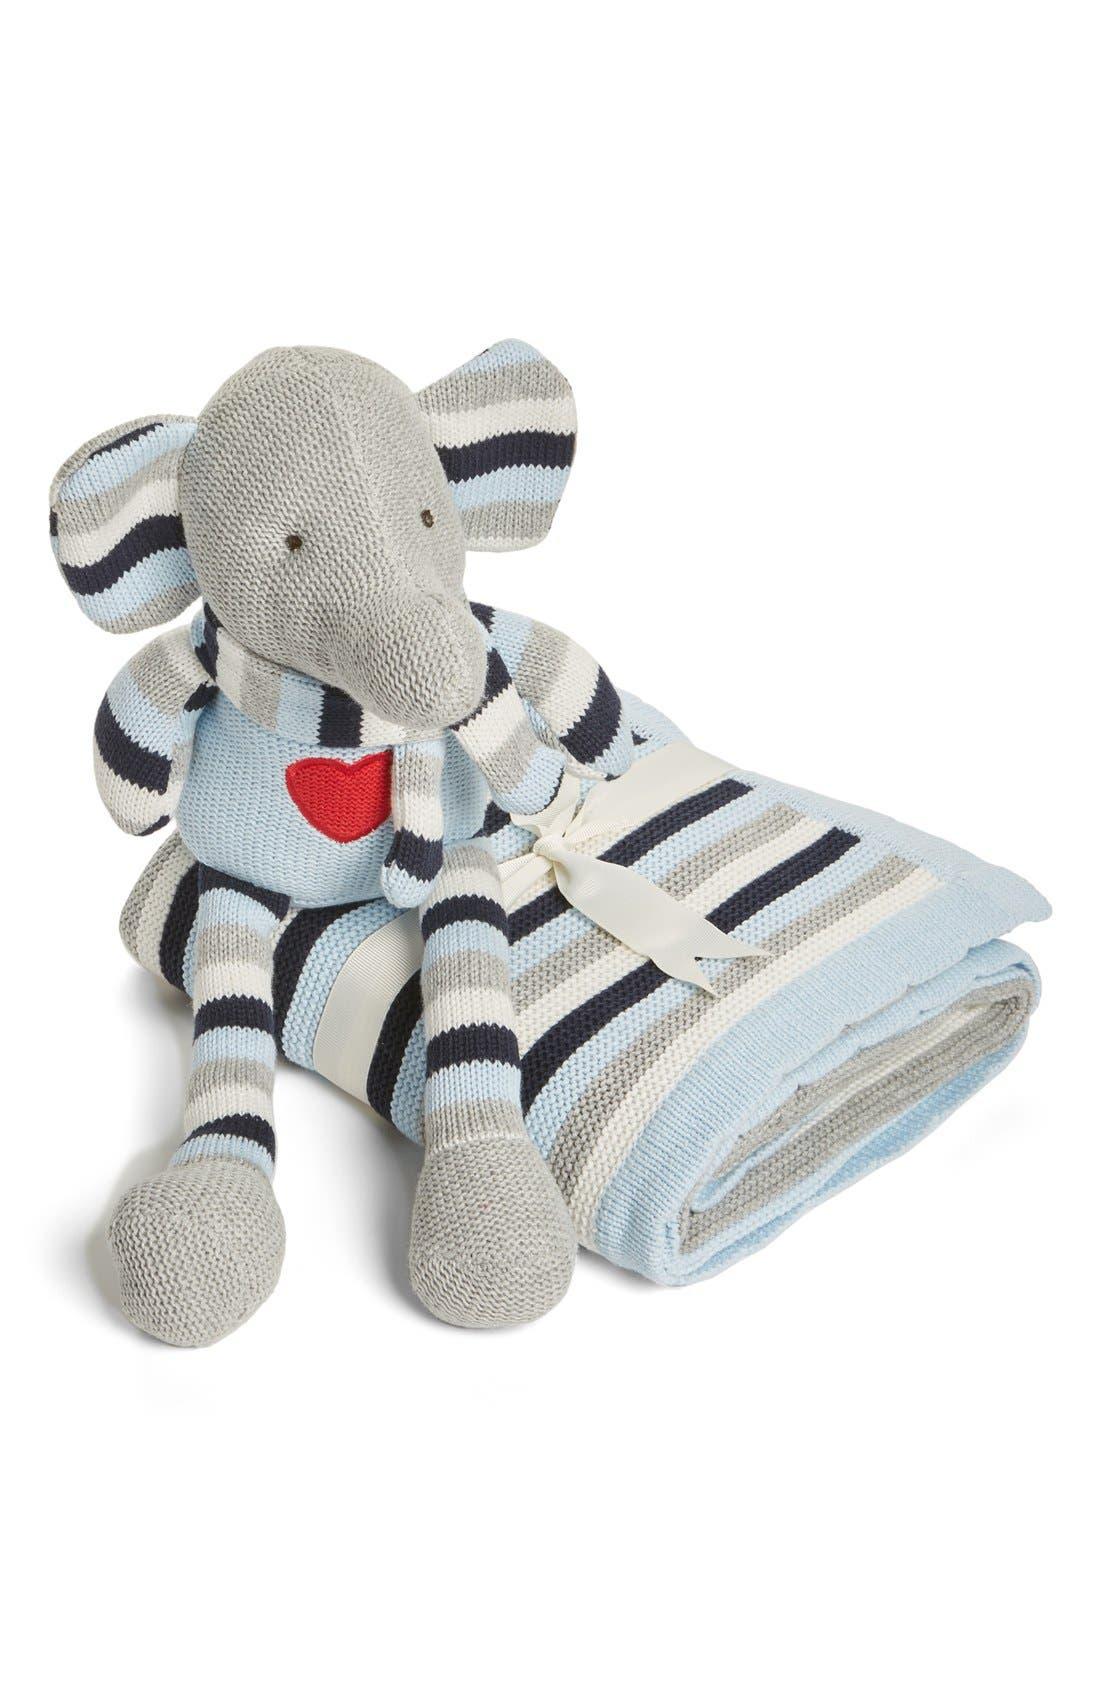 Main Image - Elegant Baby 'Knitty Bitty' Plush Knit Elephant Toy & Blanket